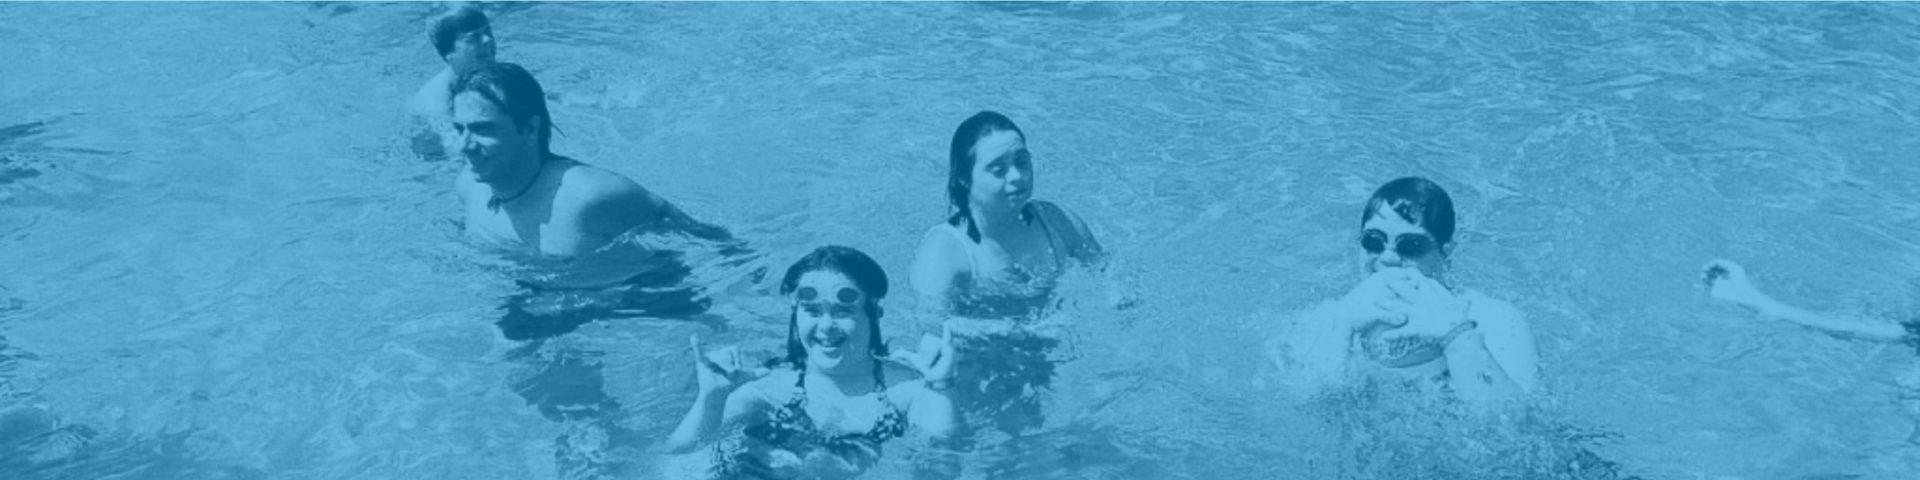 Jóvenes divirtiéndose en una piscina al aire libre